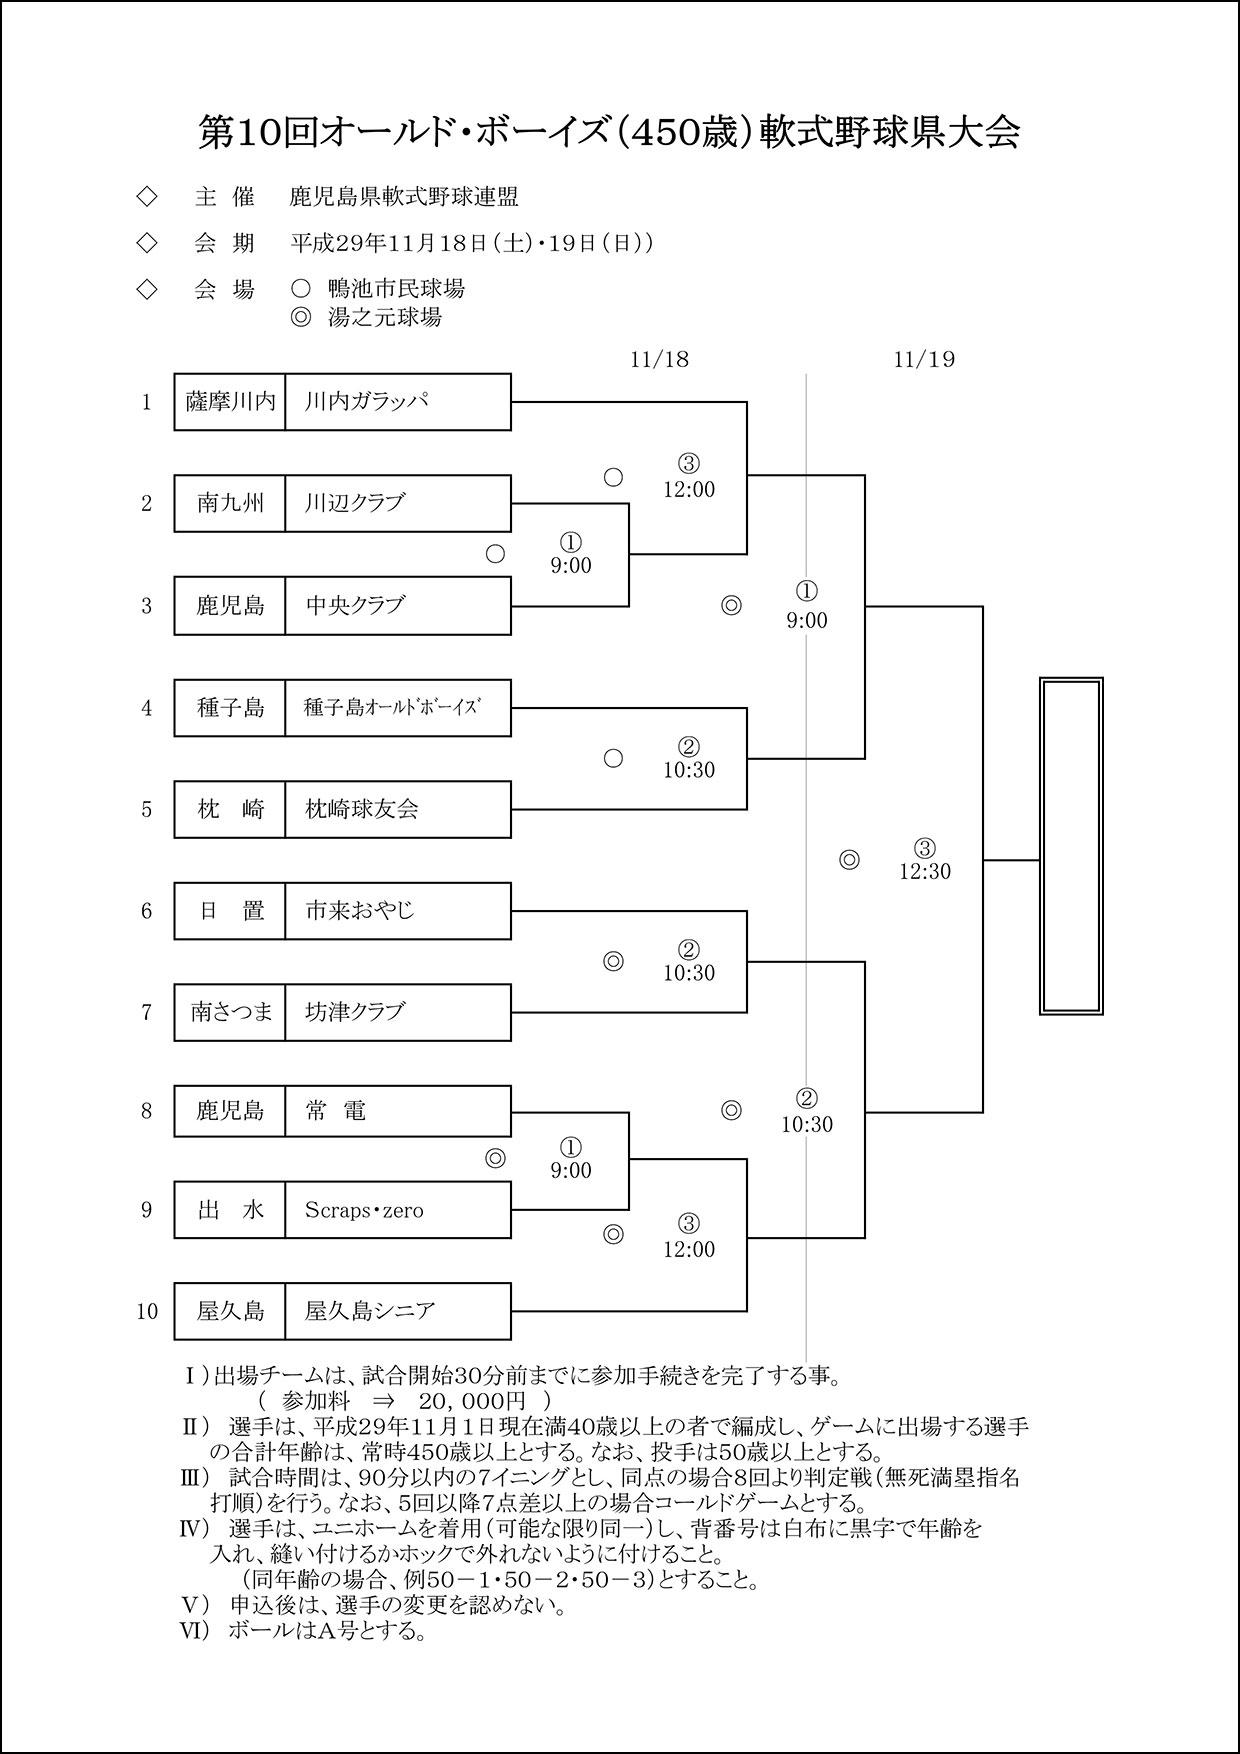 【組合せ】第10回オールド・ボーイズ(450歳)軟式野球県大会